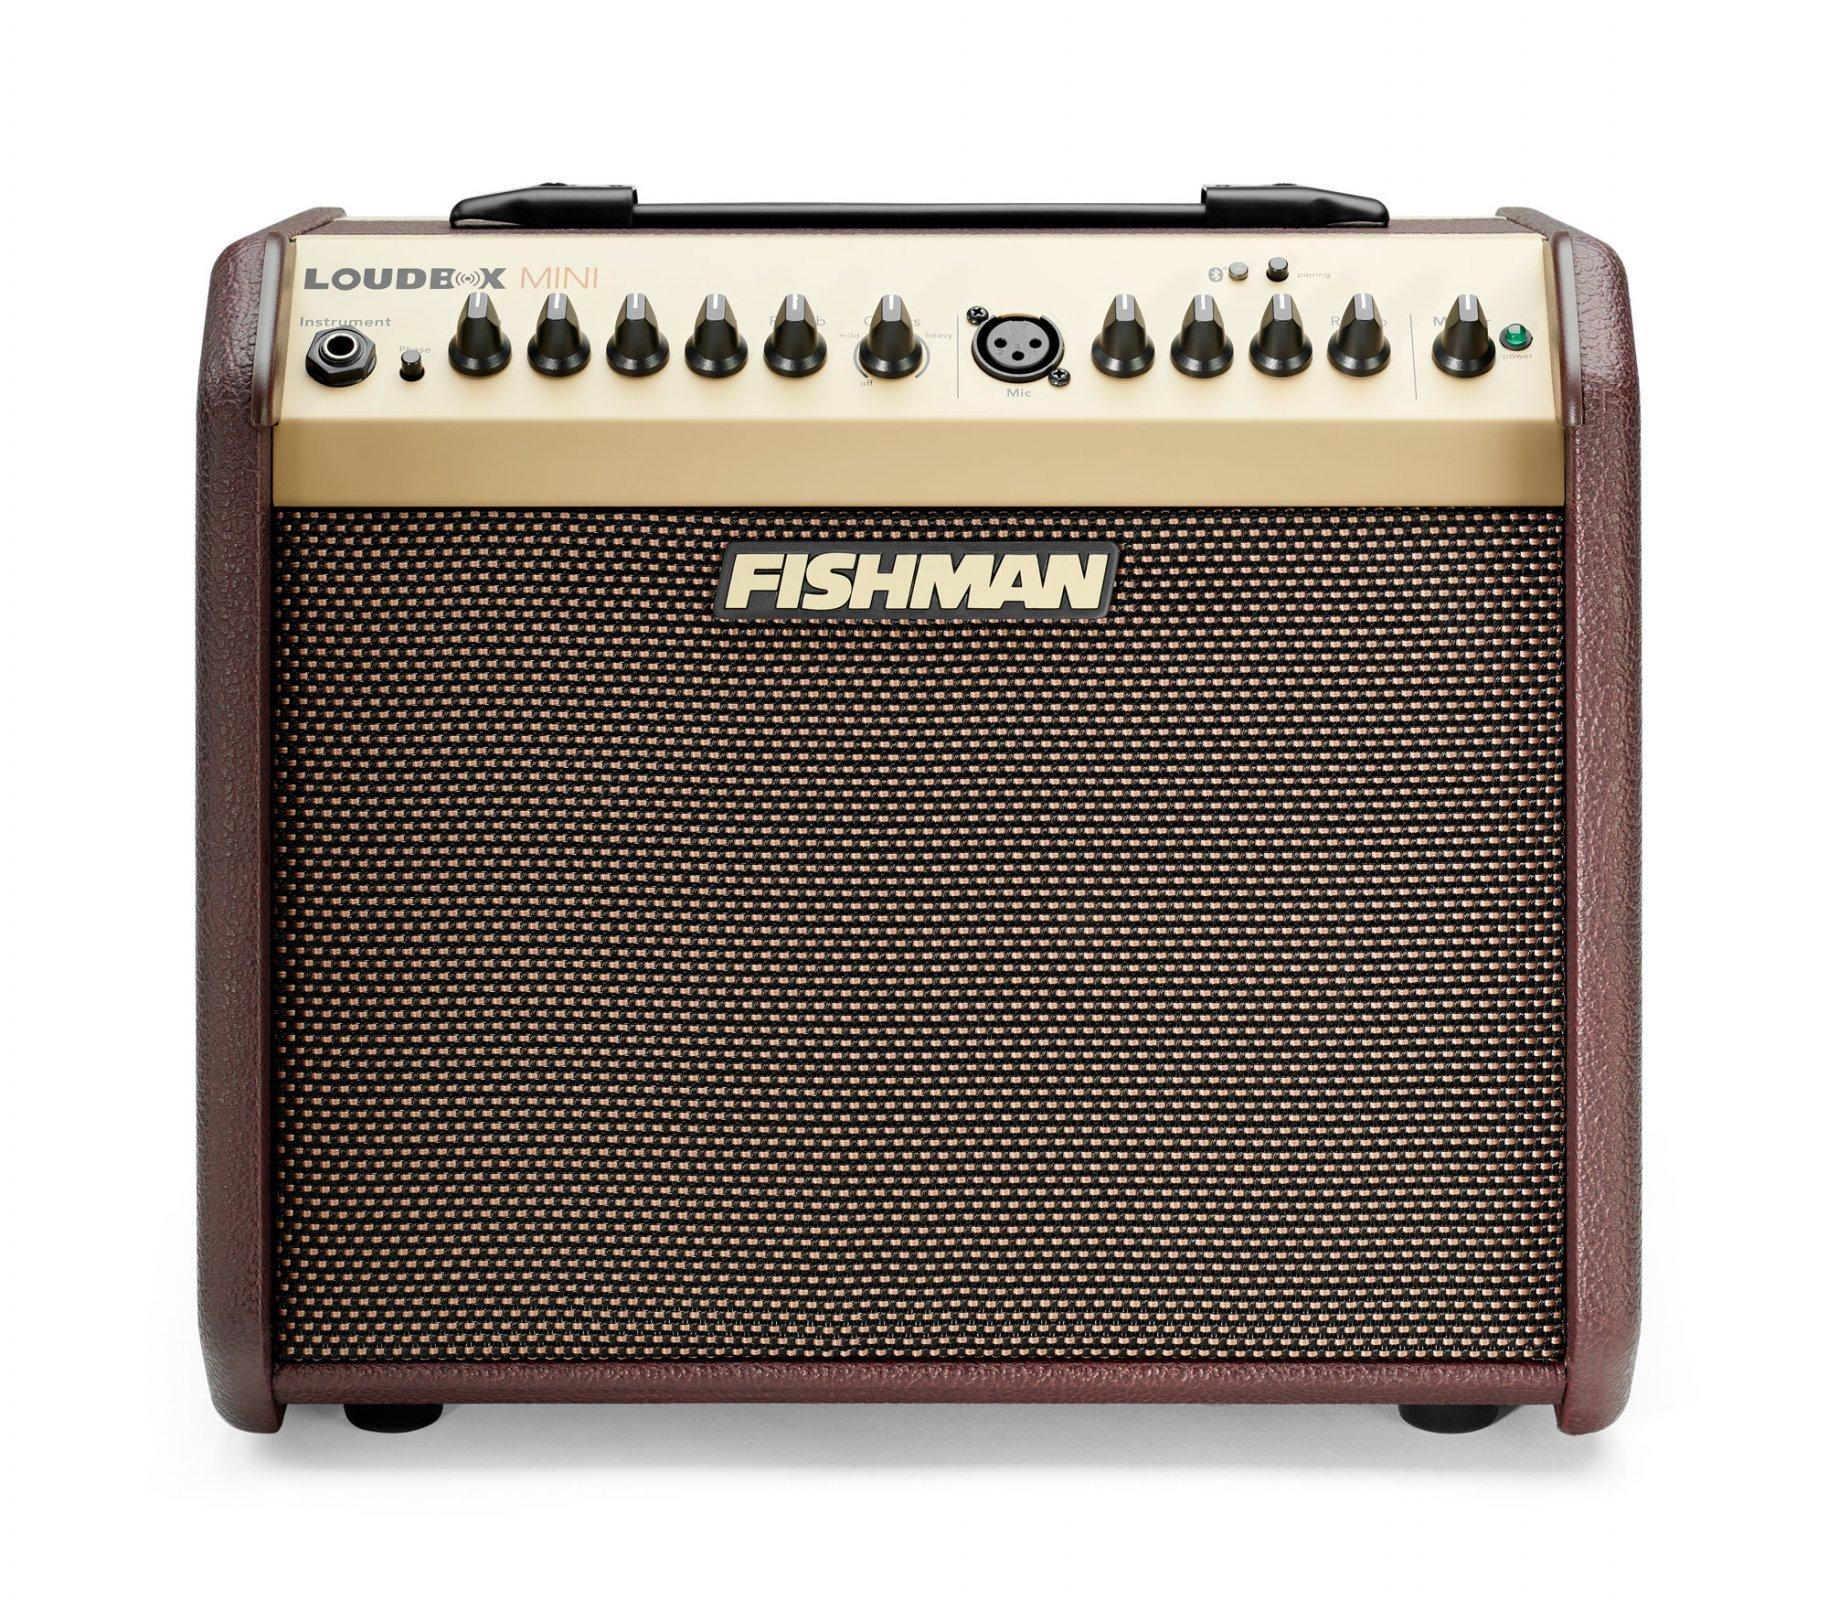 Fishman Loudbox Mini w/Bluetooth